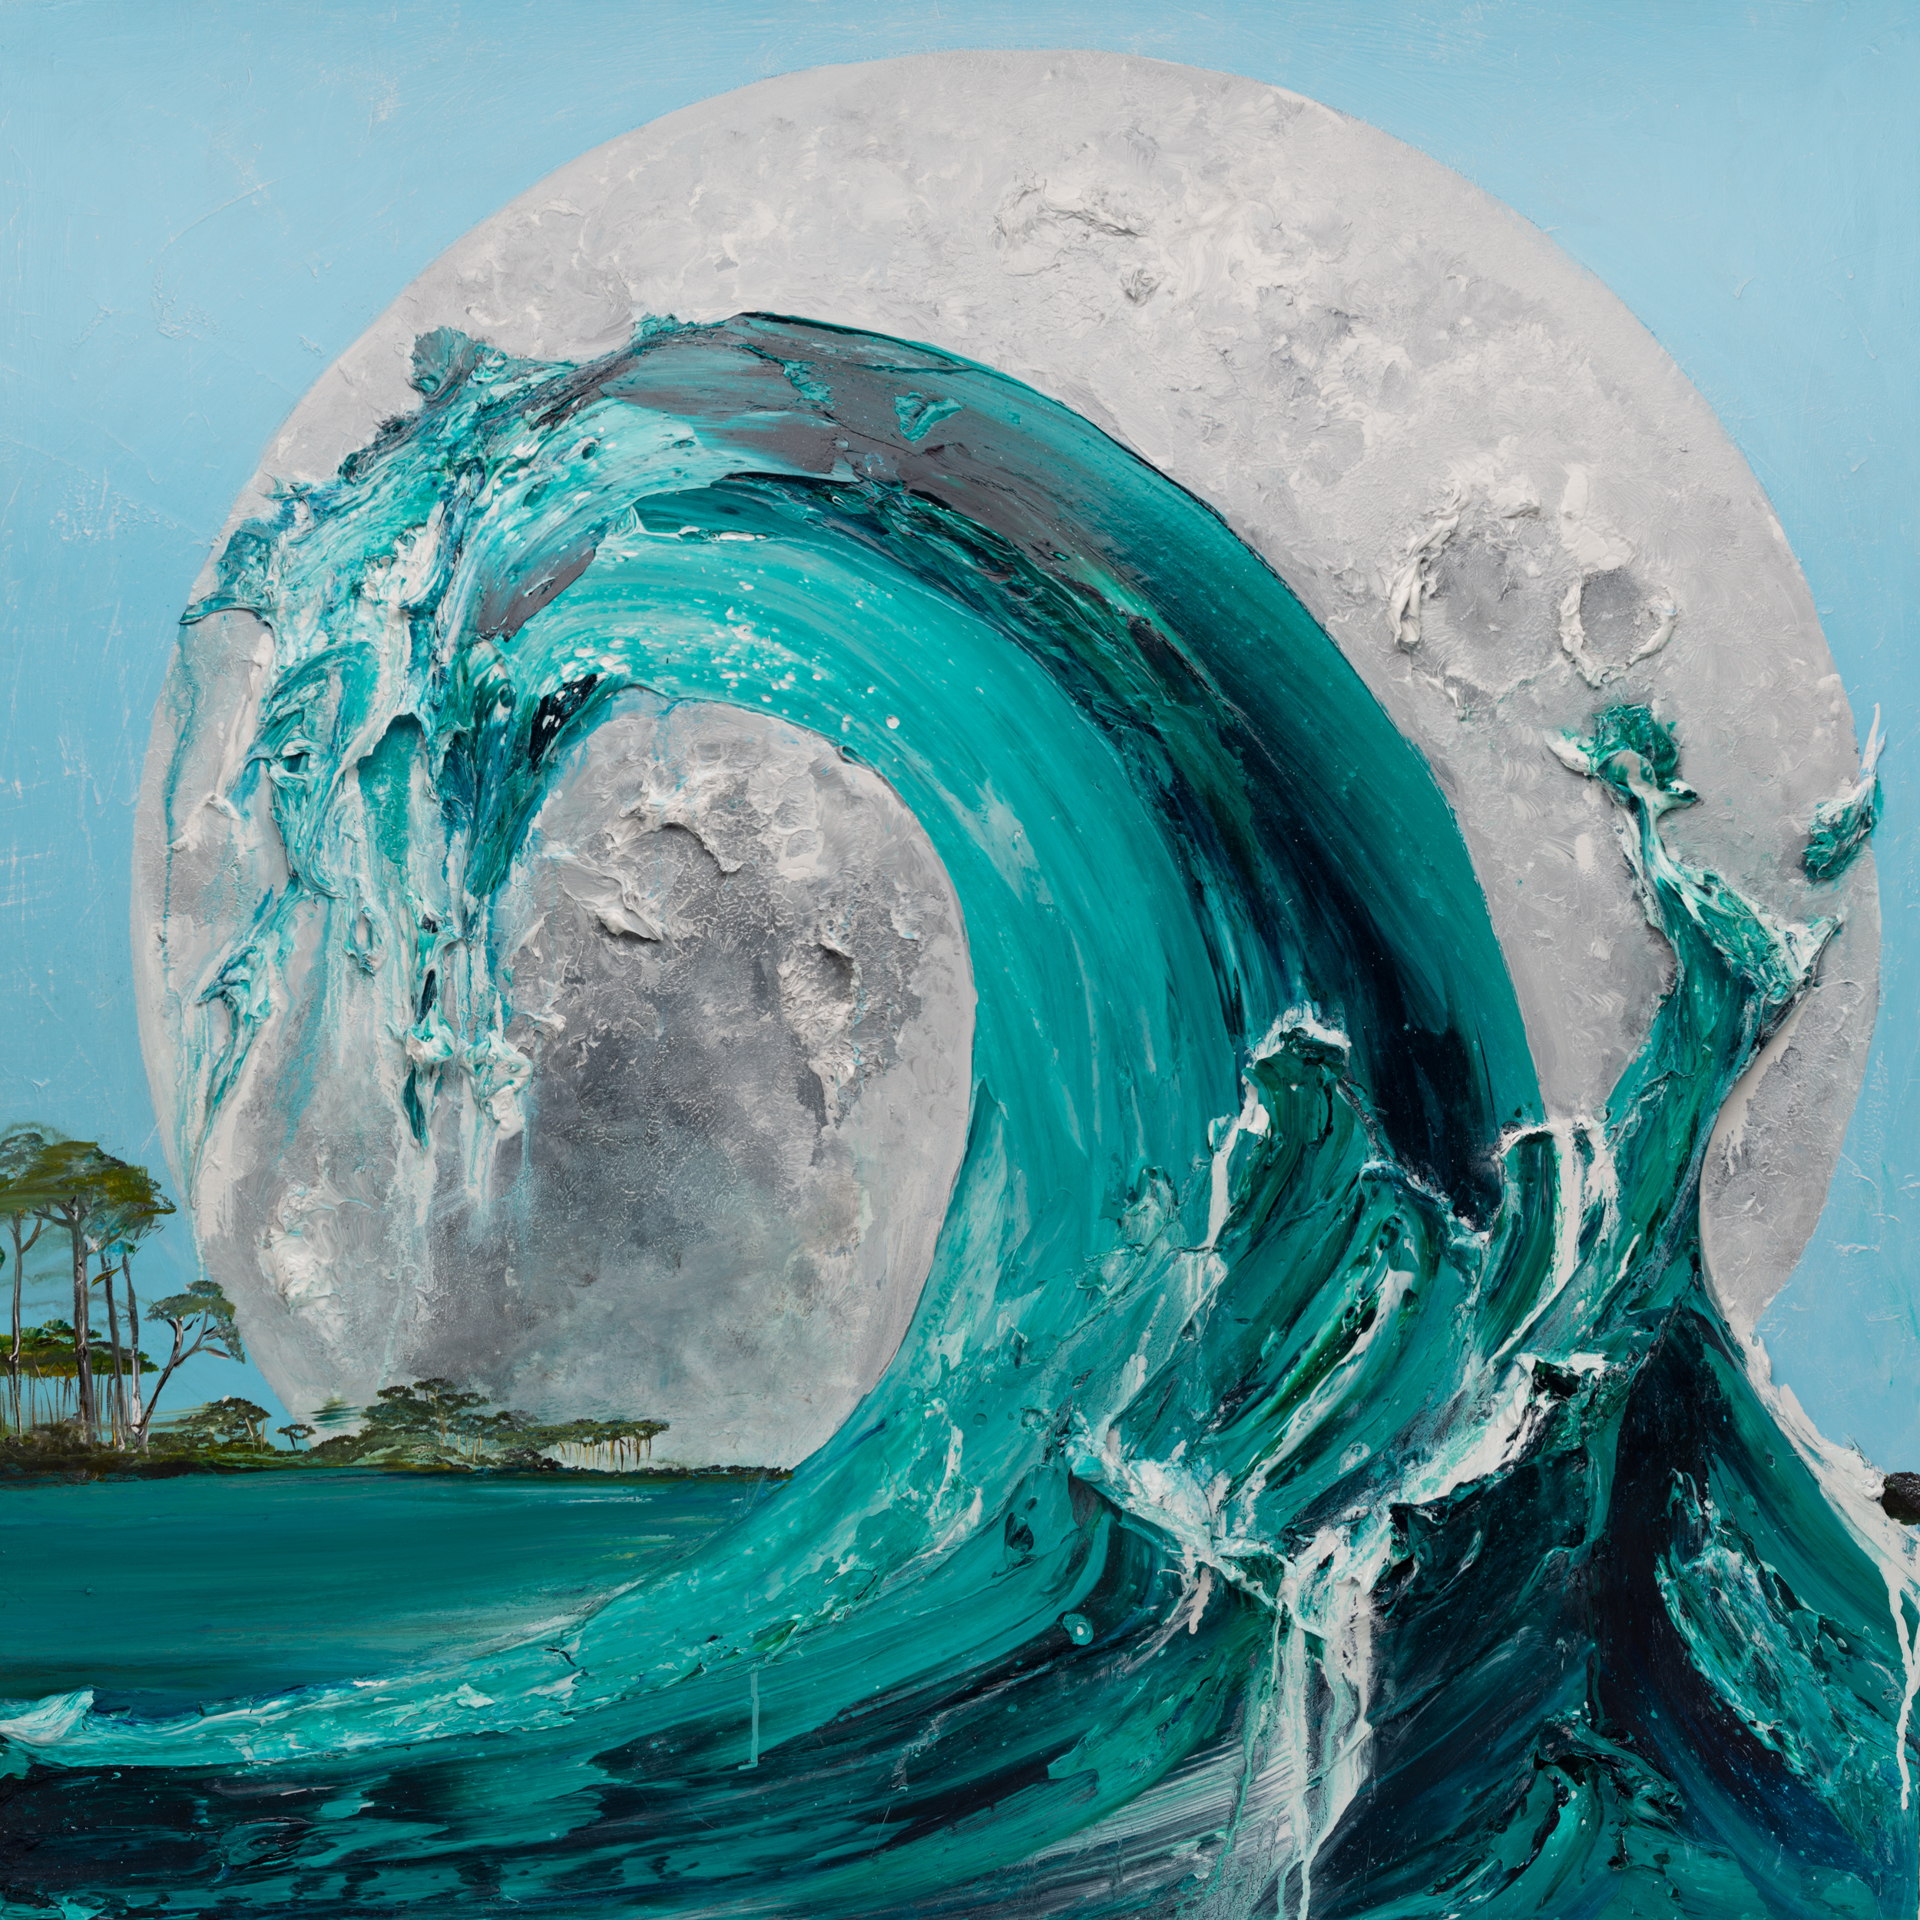 WAVE MOON 1 MS-48X48-2019-311 by JUSTIN GAFFREY